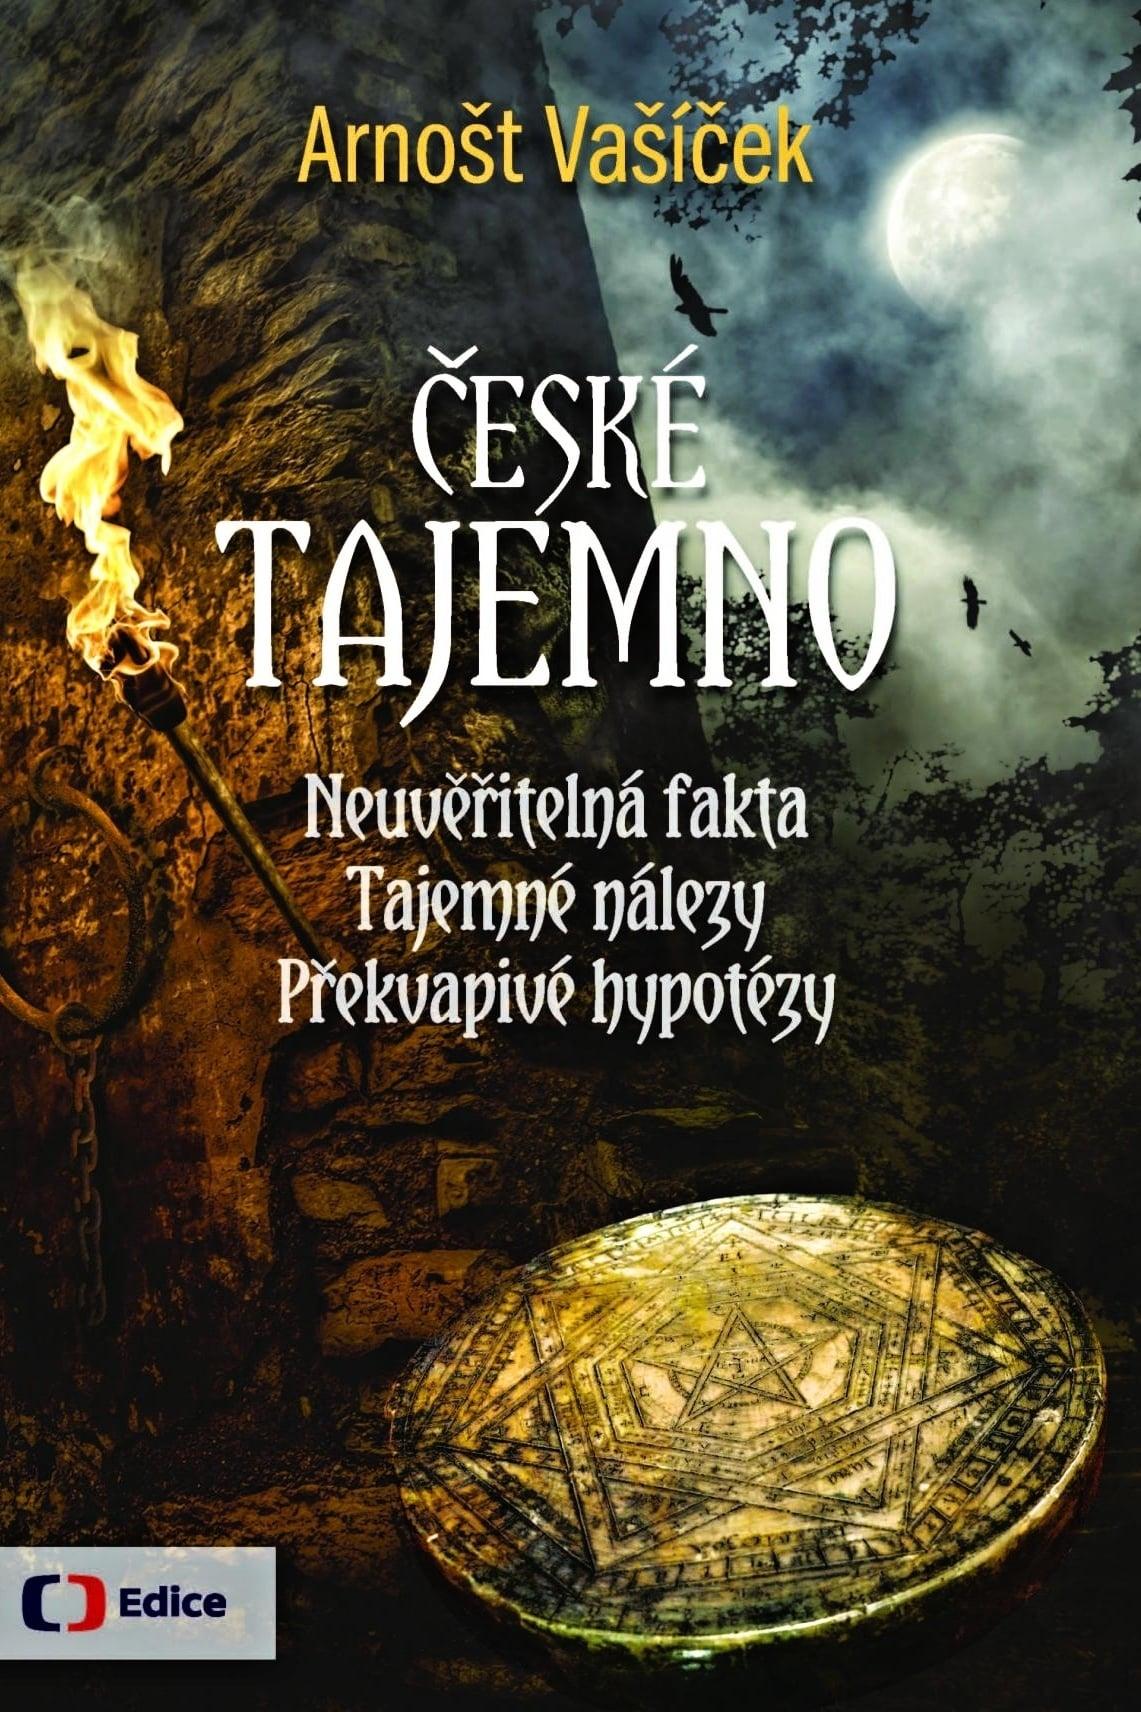 České tajemno TV Shows About Mystery